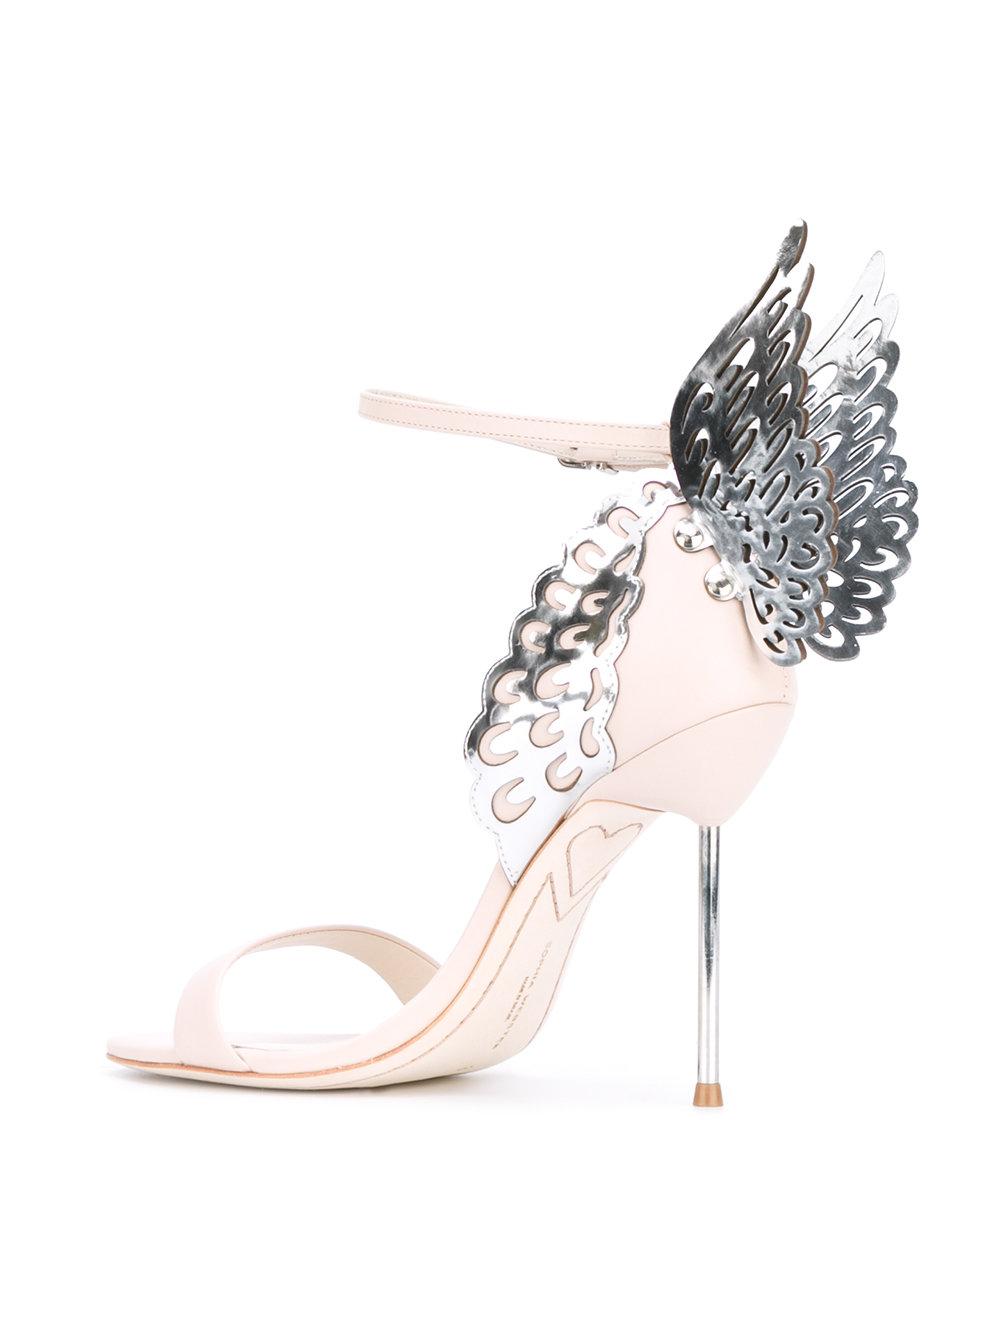 SOPHIA WEBSTER sandals- $575